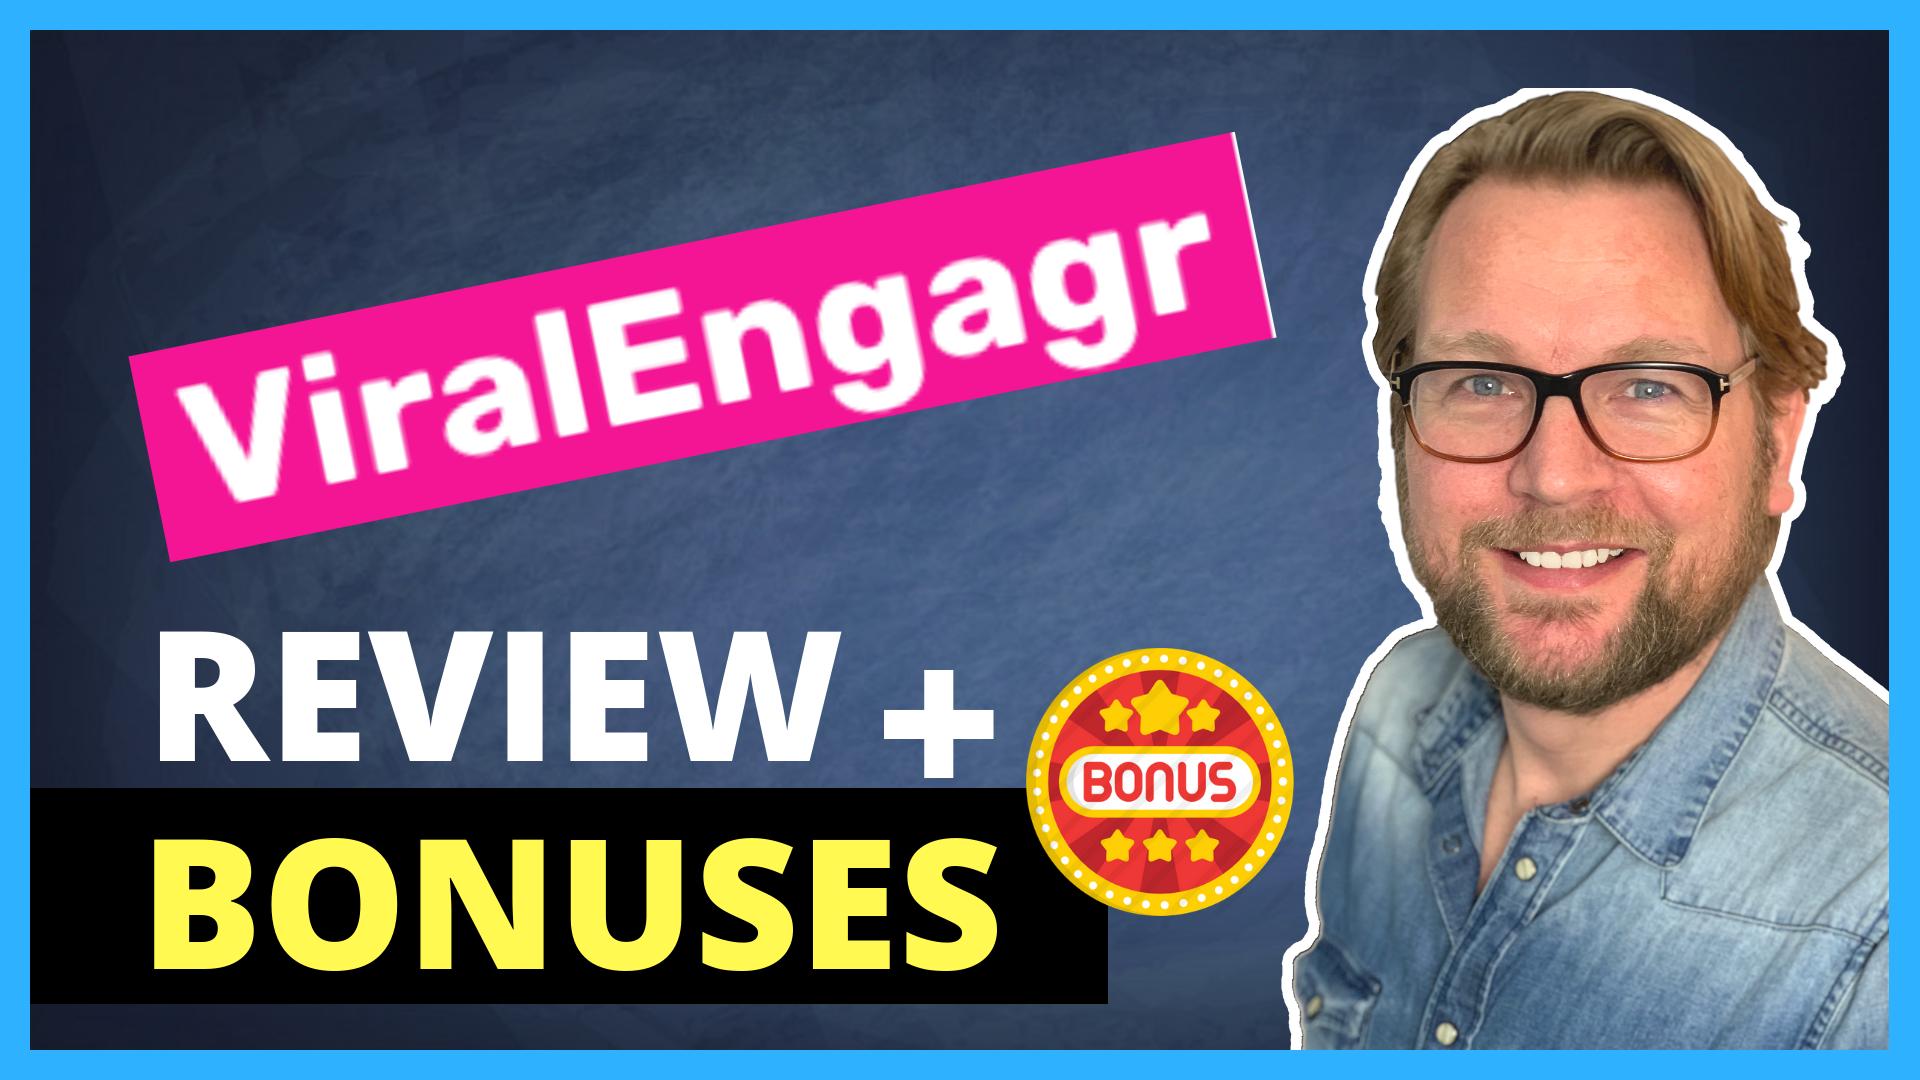 Viralengagr review